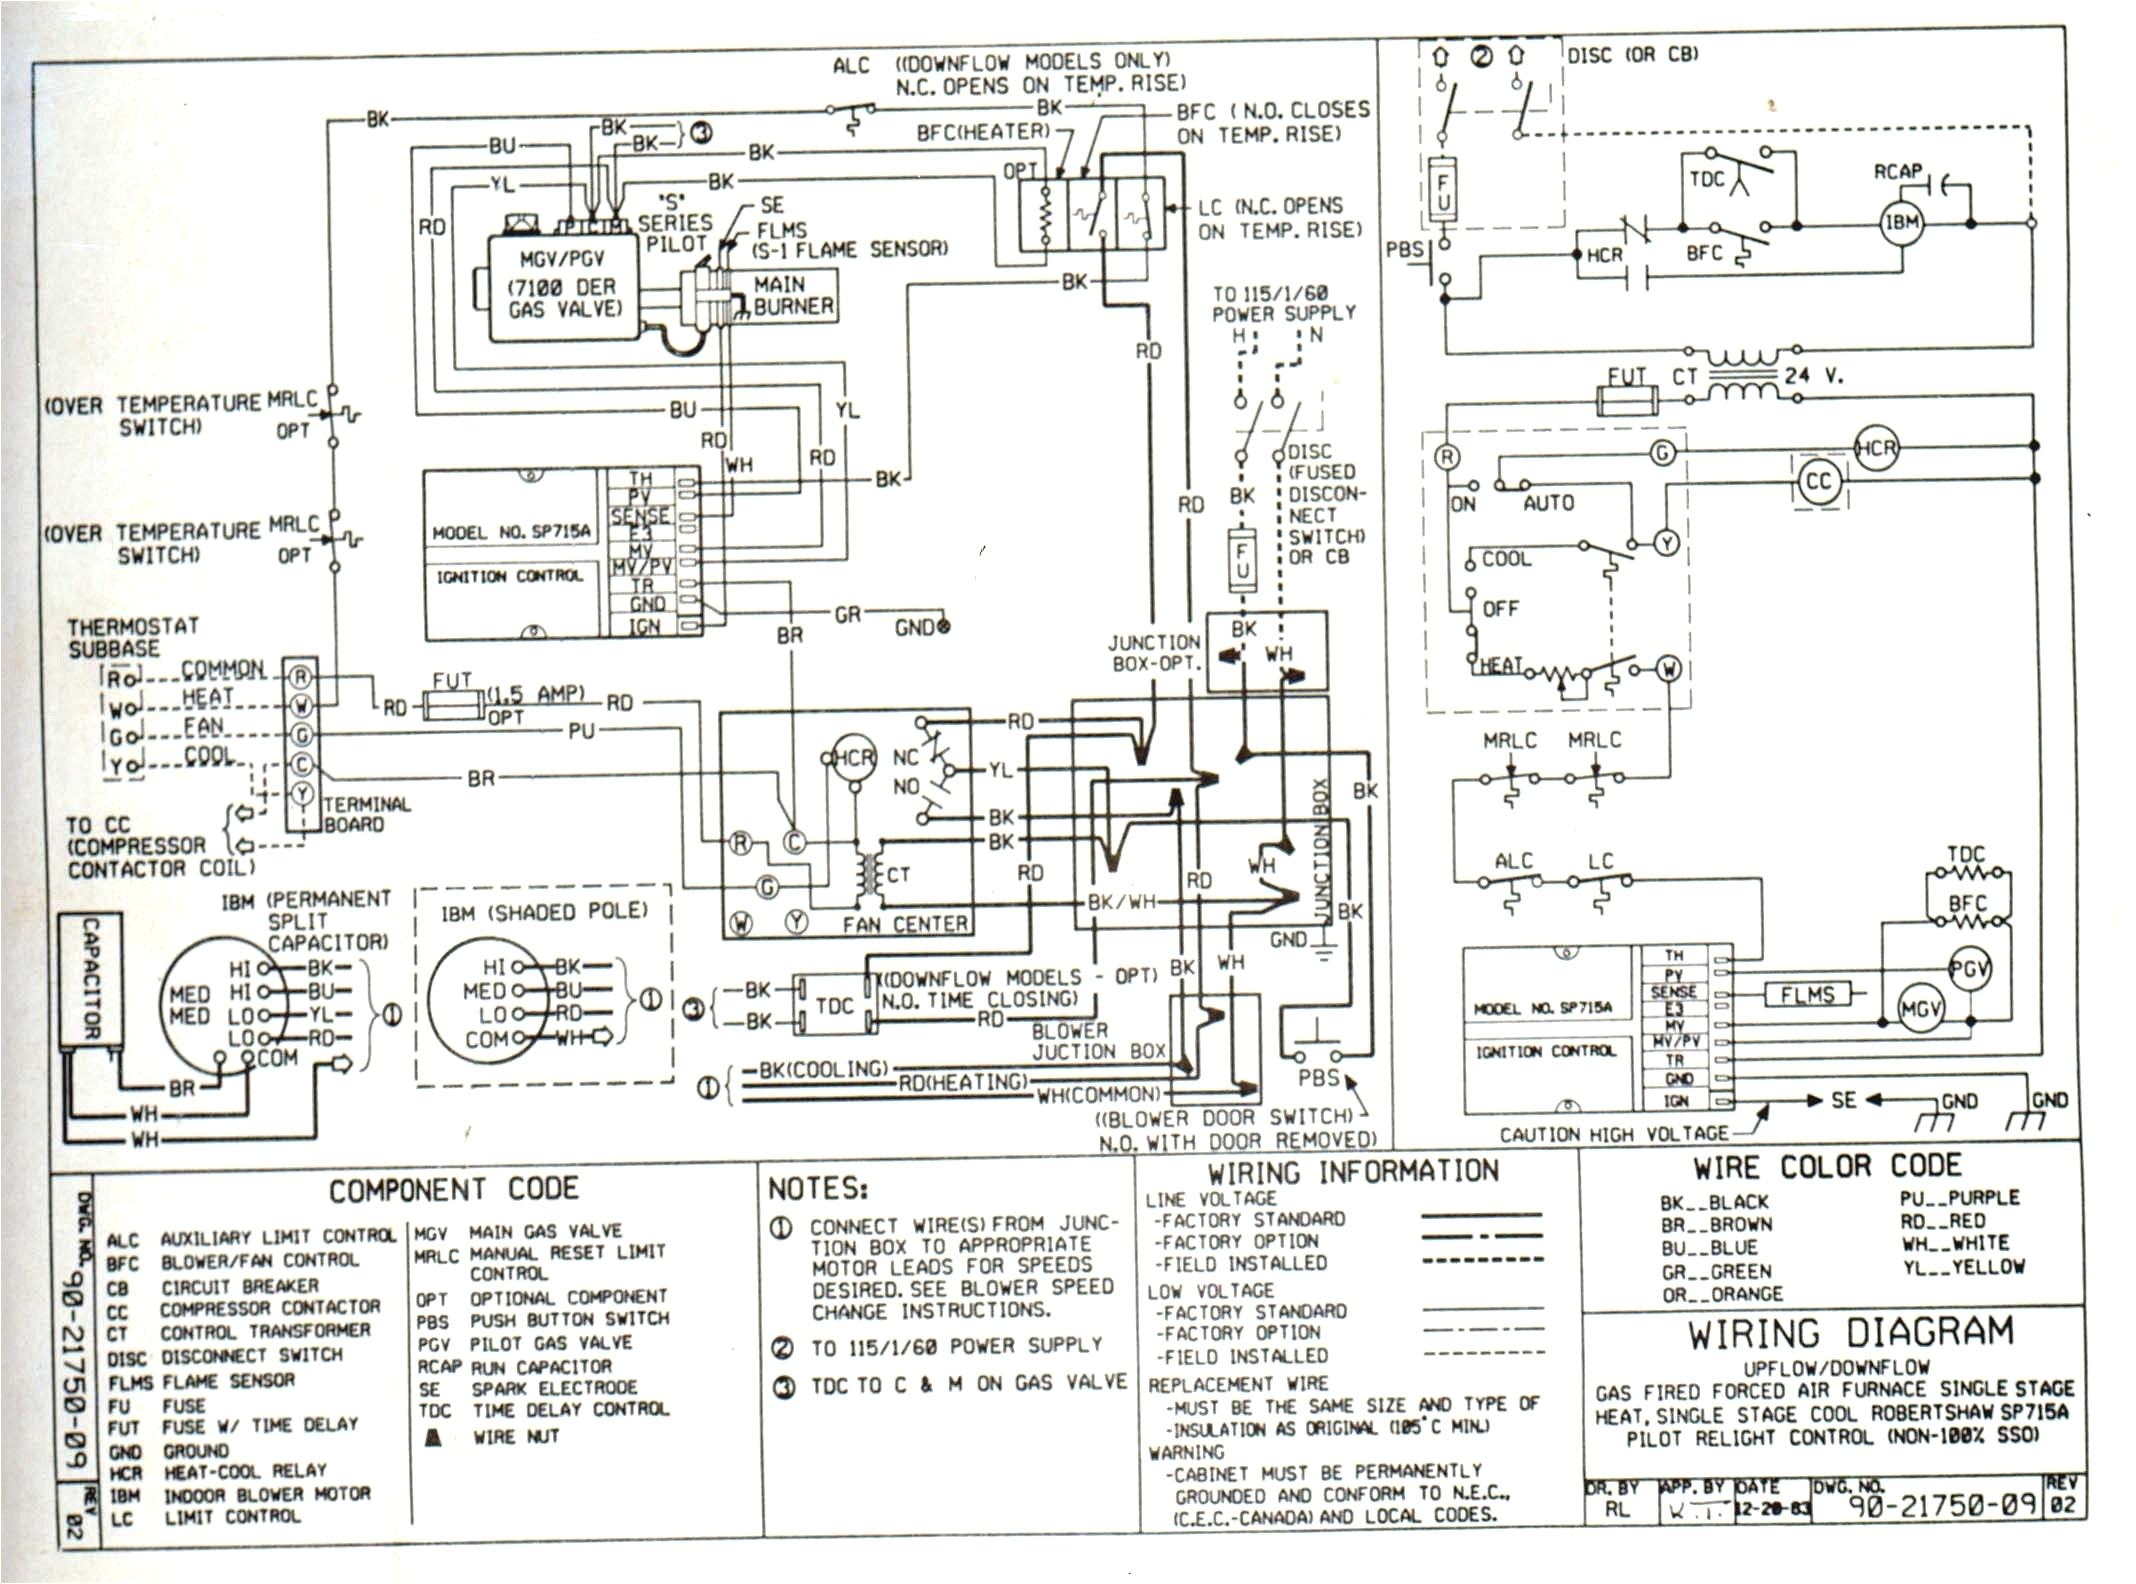 rheem heat pump thermostat wiring diagram wiring diagram for hot water heater thermostat fresh heat pump thermostat wiring diagram for rheem hot 7j jpg